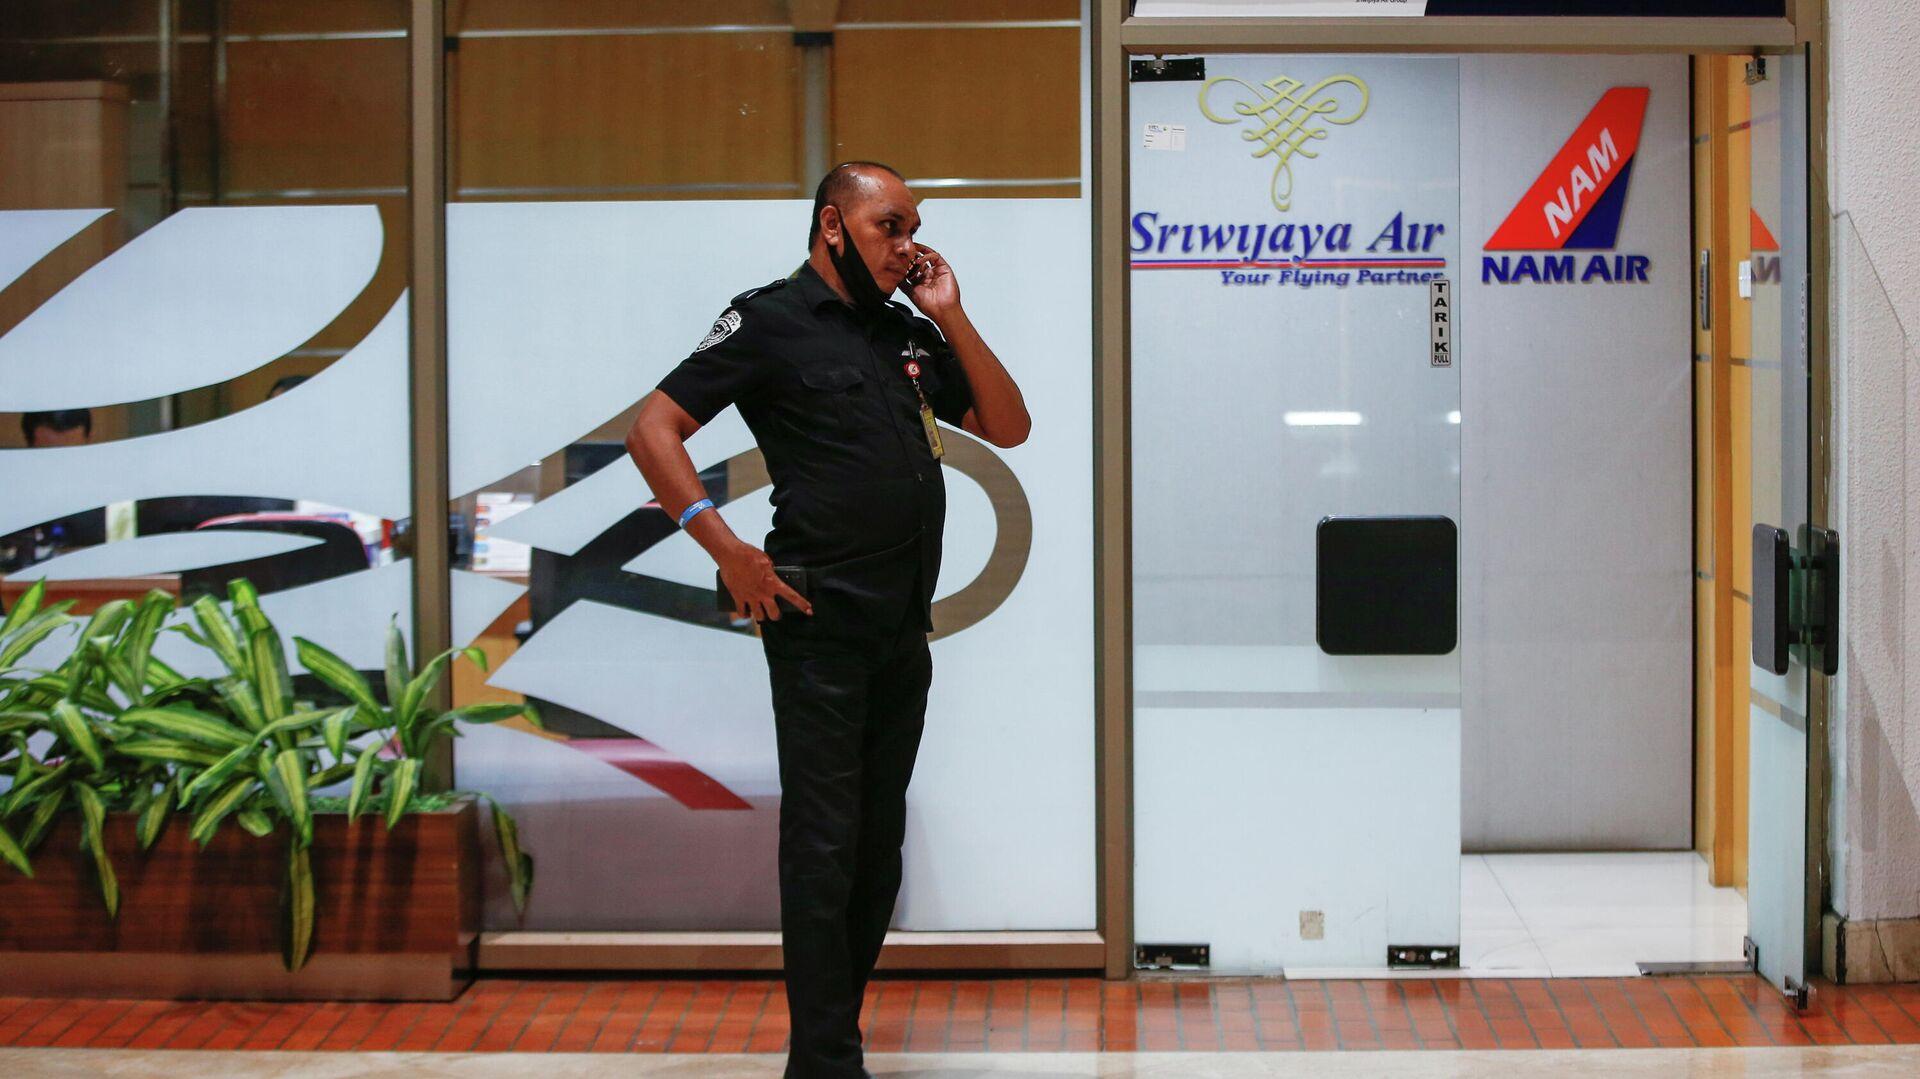 Сотрудник в аэропорту Сукарно-Хатта в Джакарте, после крушения самолета компании Sriwijaya Air - РИА Новости, 1920, 09.01.2021